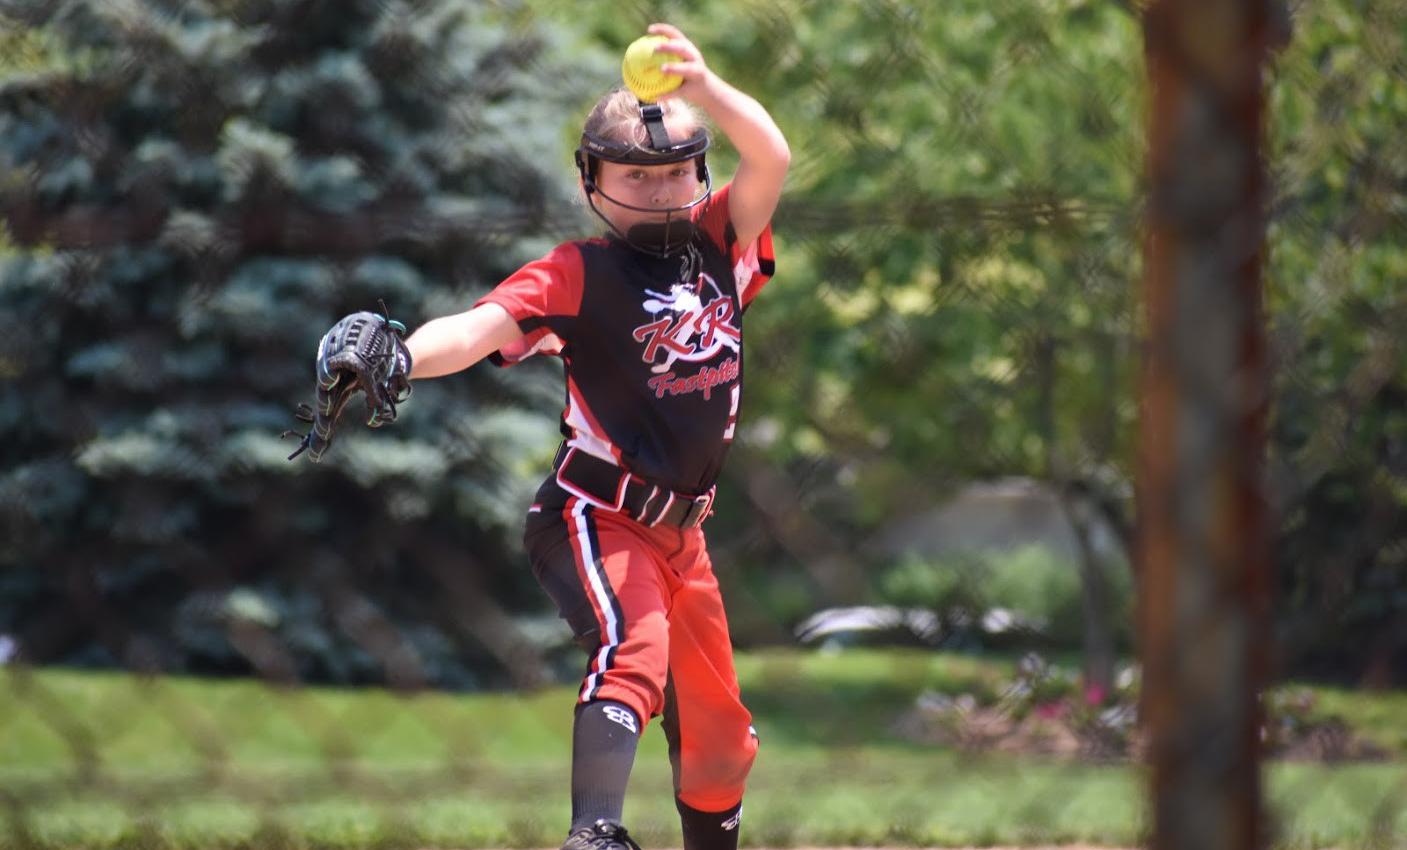 Sammie pitching